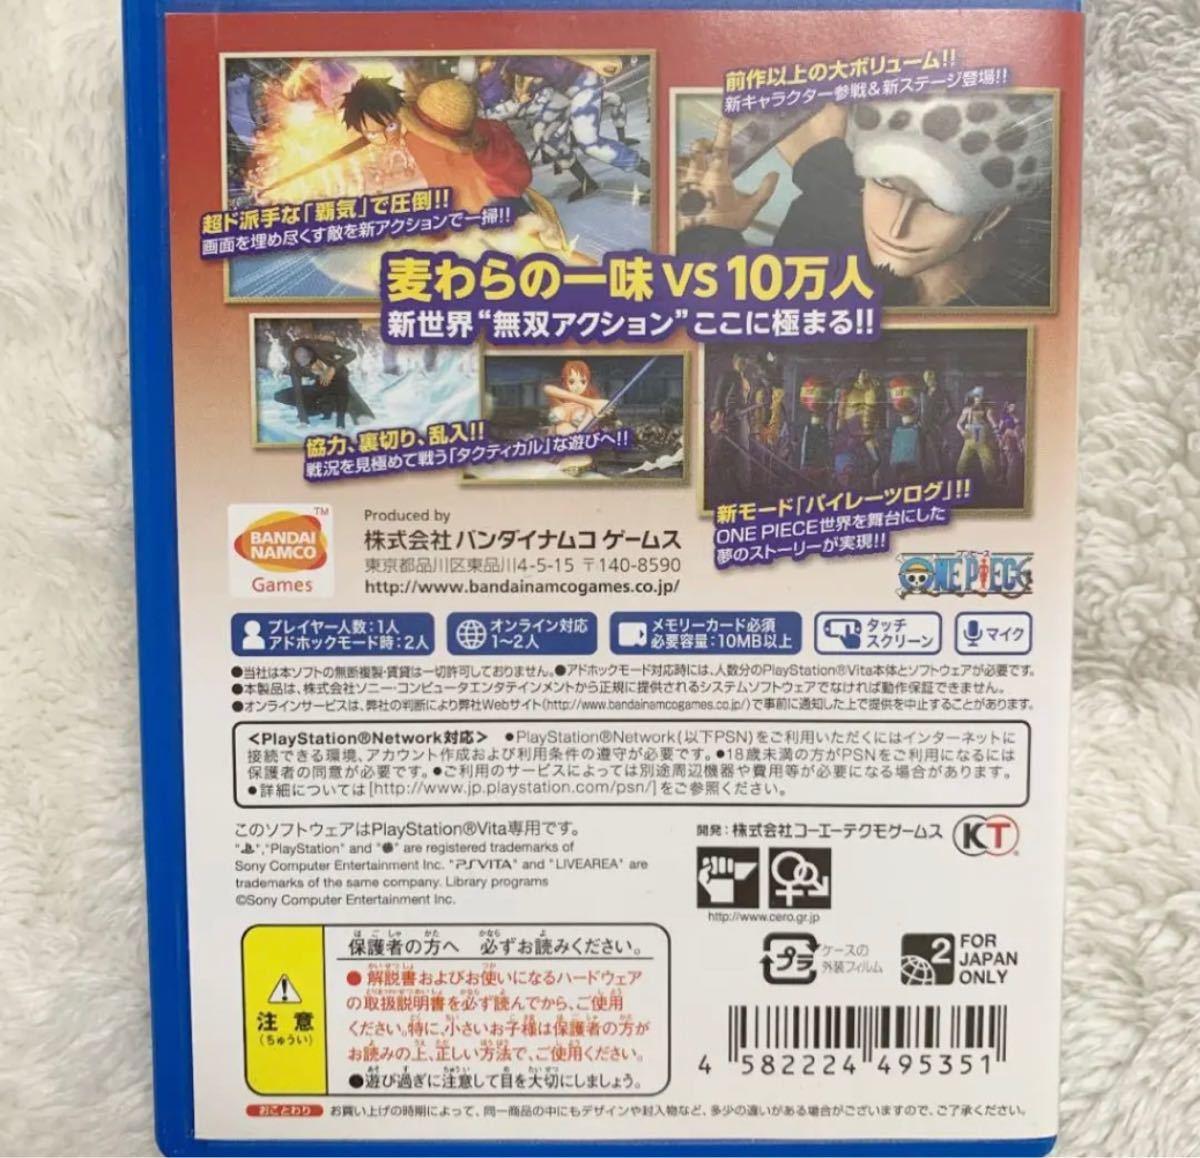 ワンピース海賊無双2 PS Vita